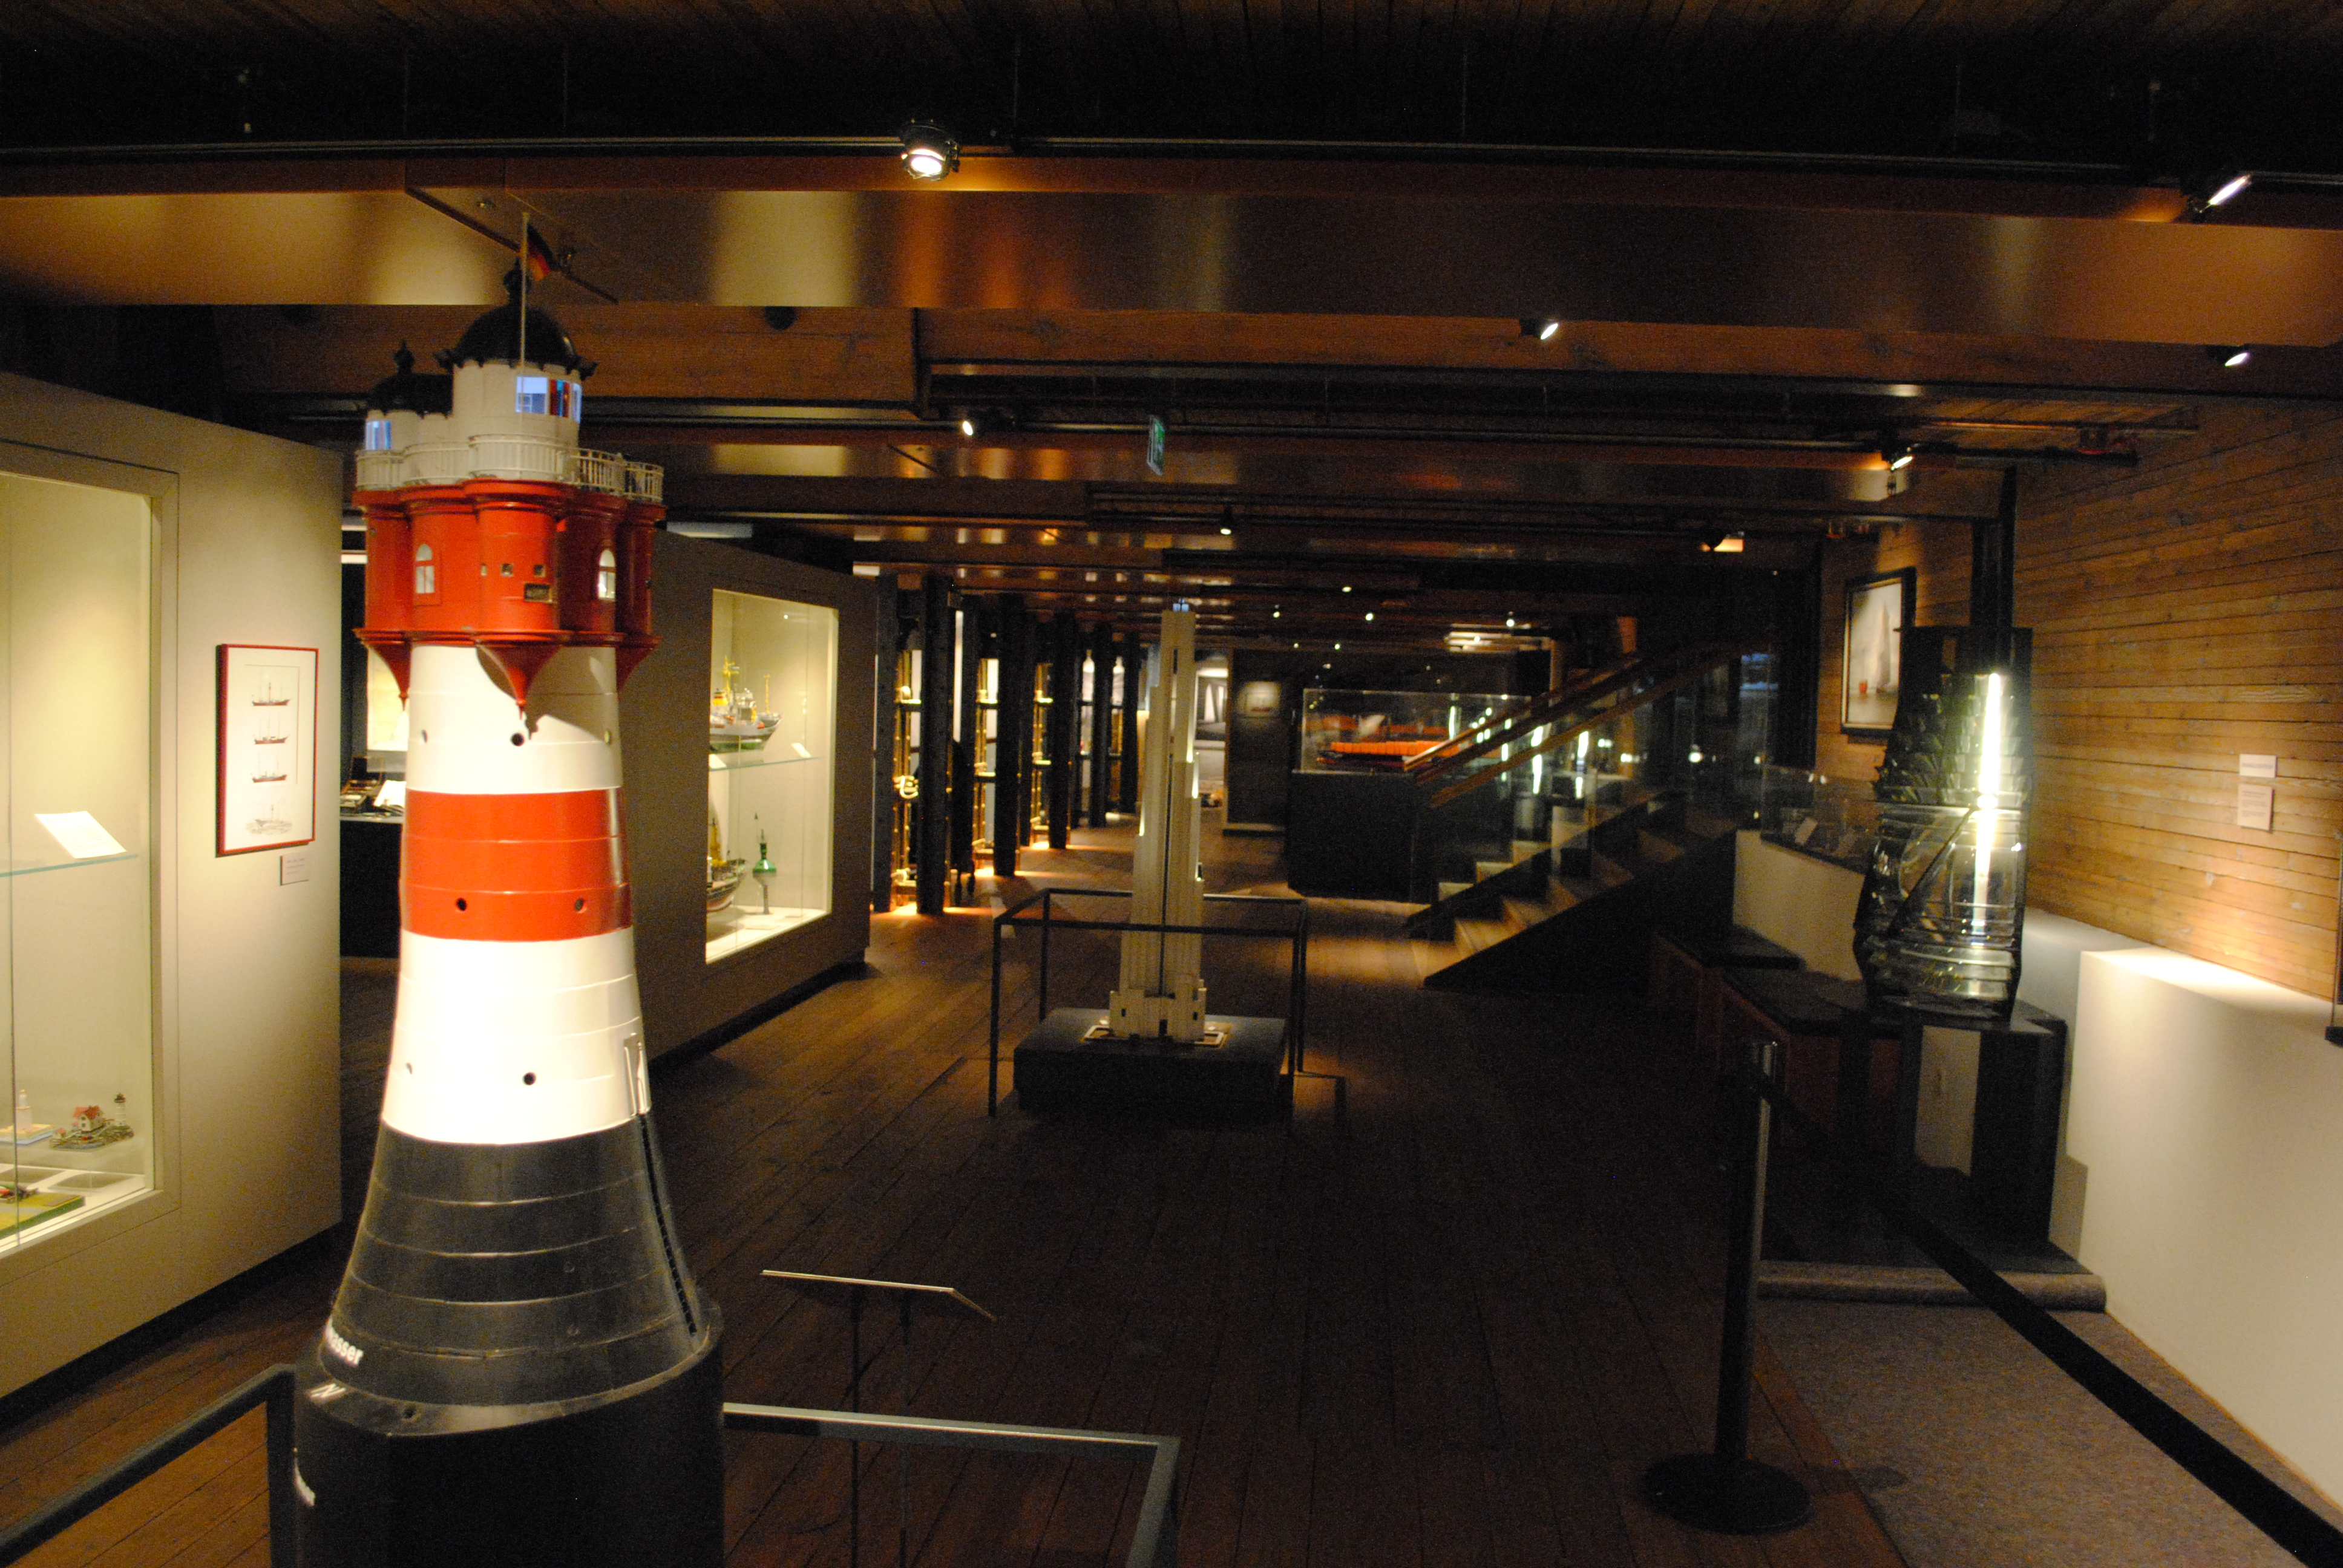 Maritime Beleuchtung nachhaltigkeitsprojekte im museum immhimmh